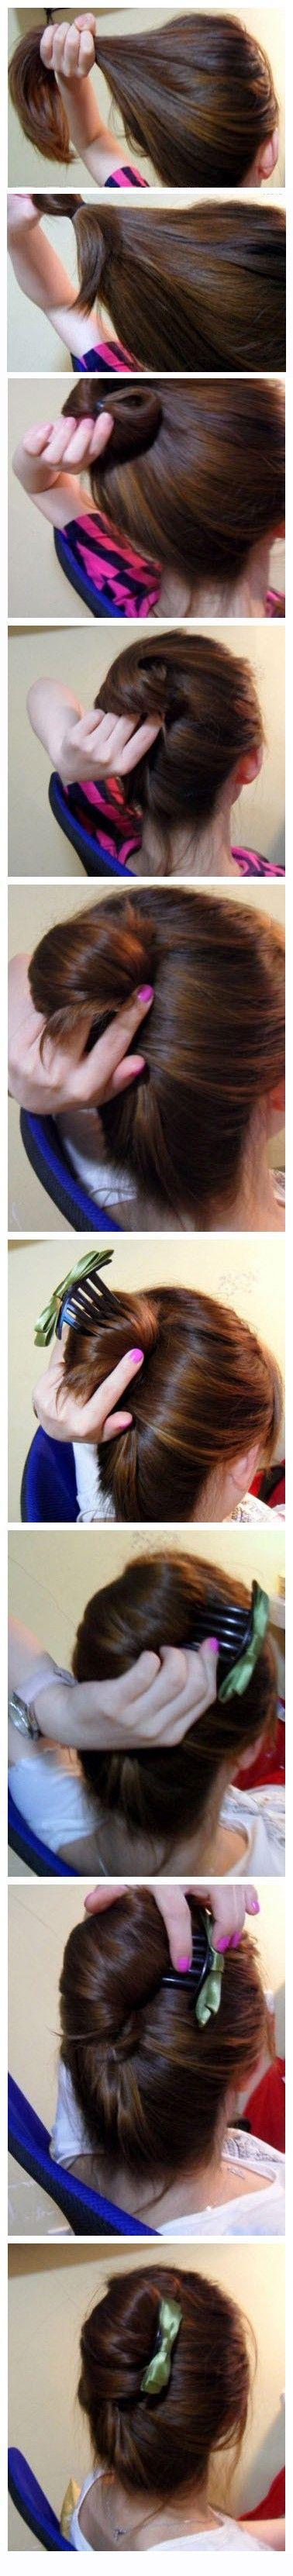 good for long hair